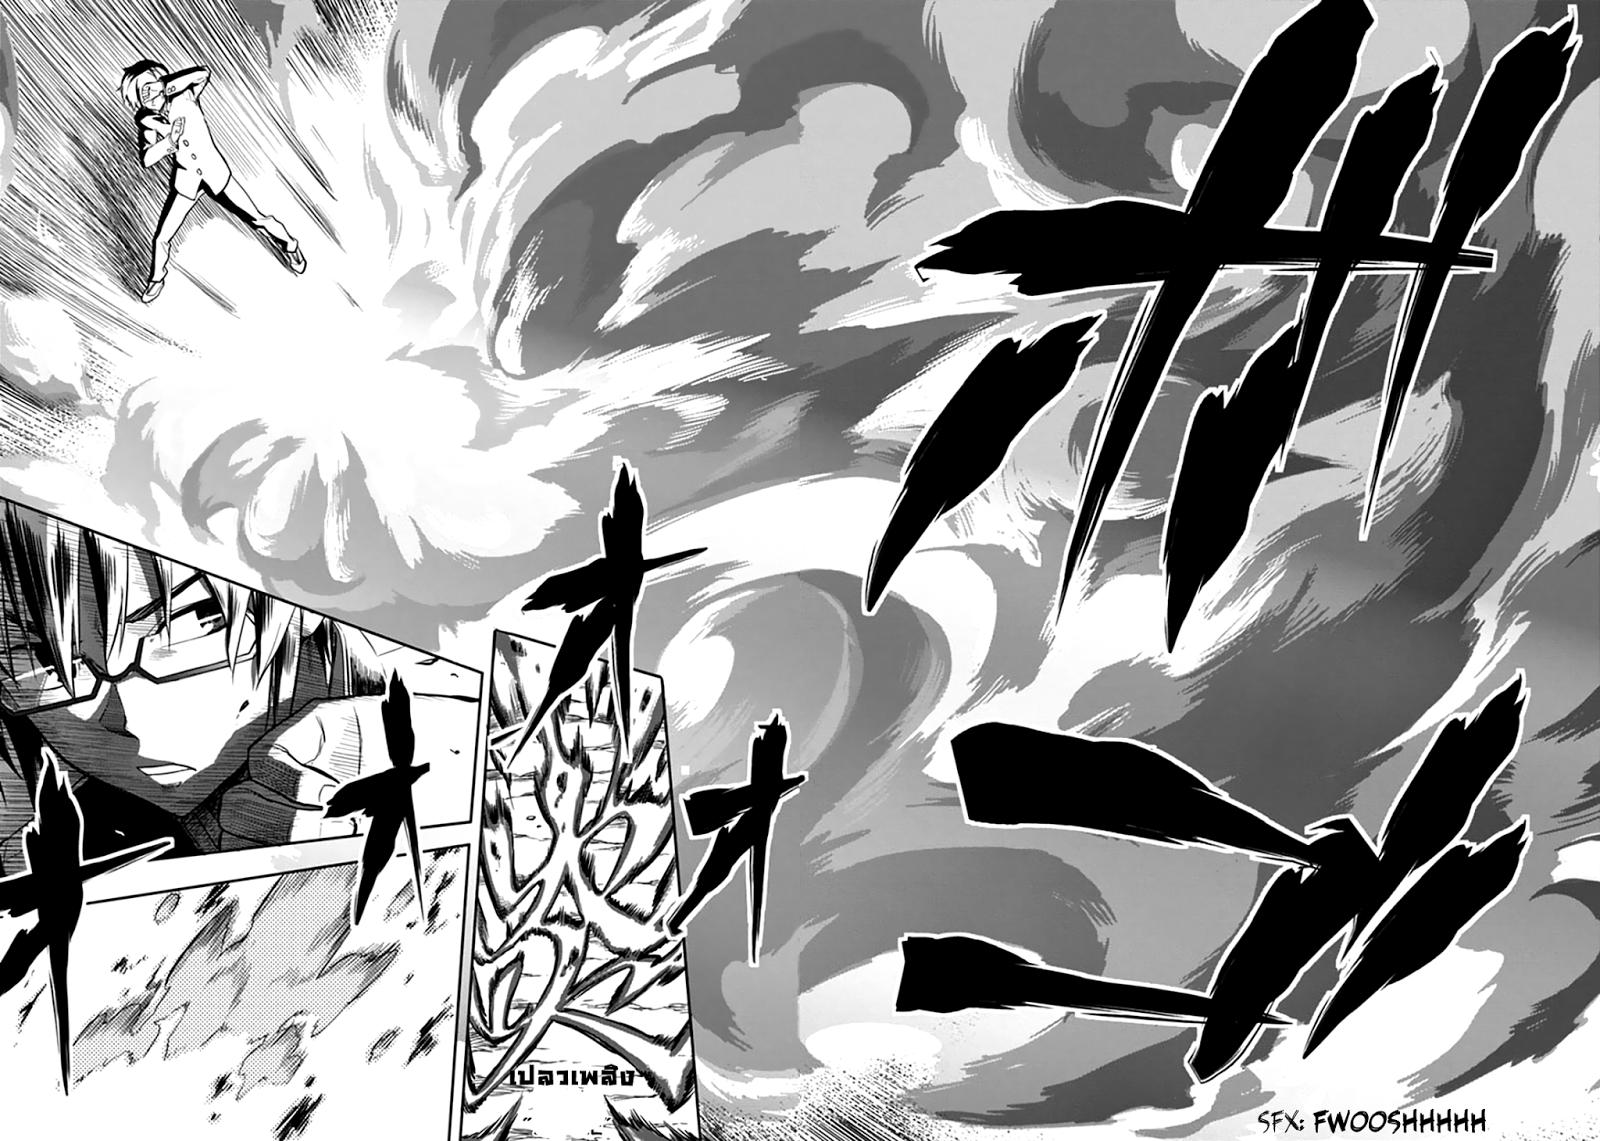 อ่านการ์ตูน Konjiki no Word Master 2 ภาพที่ 22